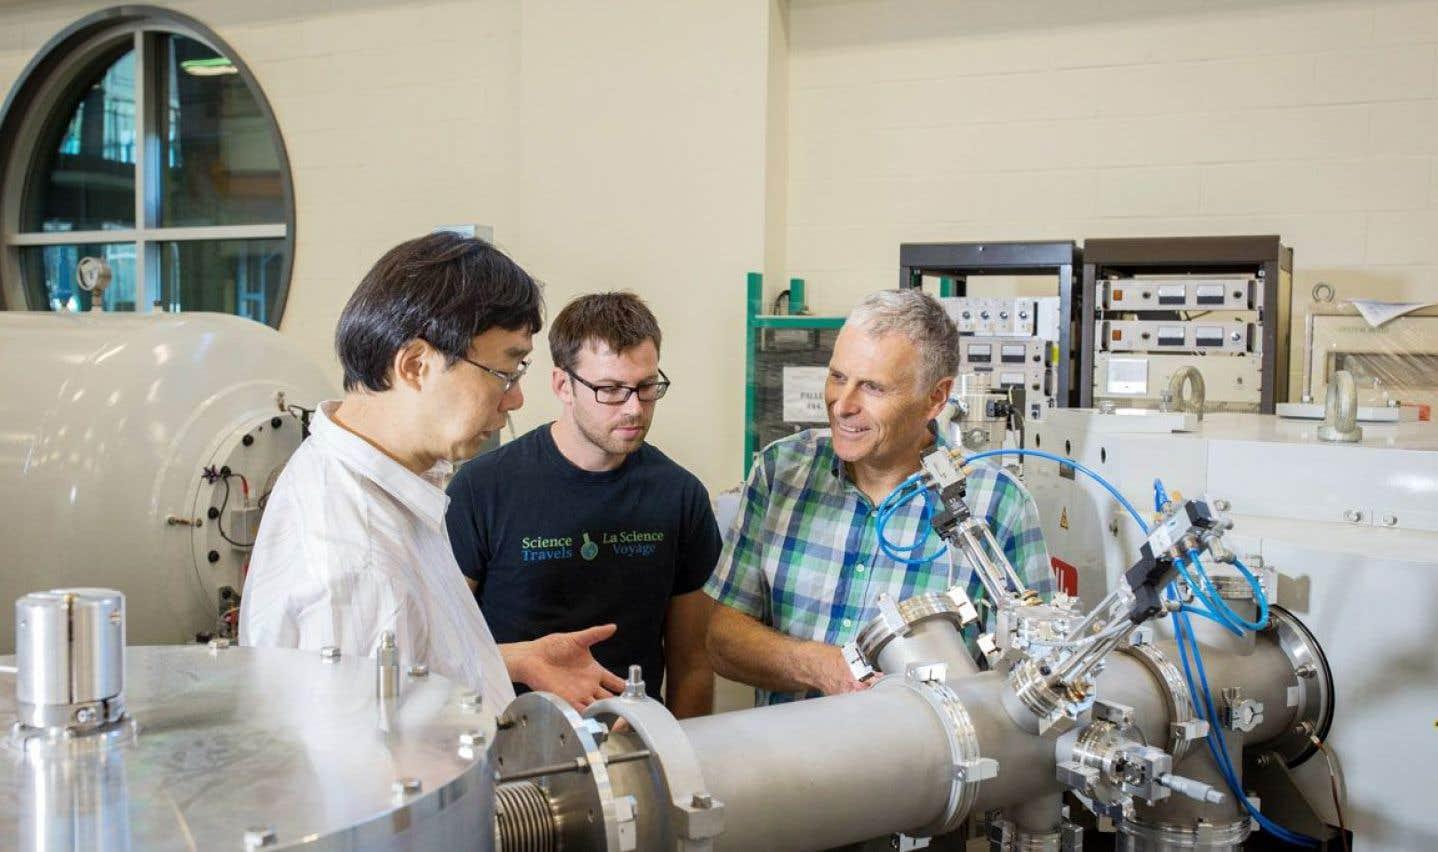 Géologue et professeur au Département des sciences de la Terre de l'Université d'Ottawa, Ian Clark (à droite) évoque de longues années d'attente. Son équipe et lui espéraient l'arrivée du spectromètre depuis 2008.